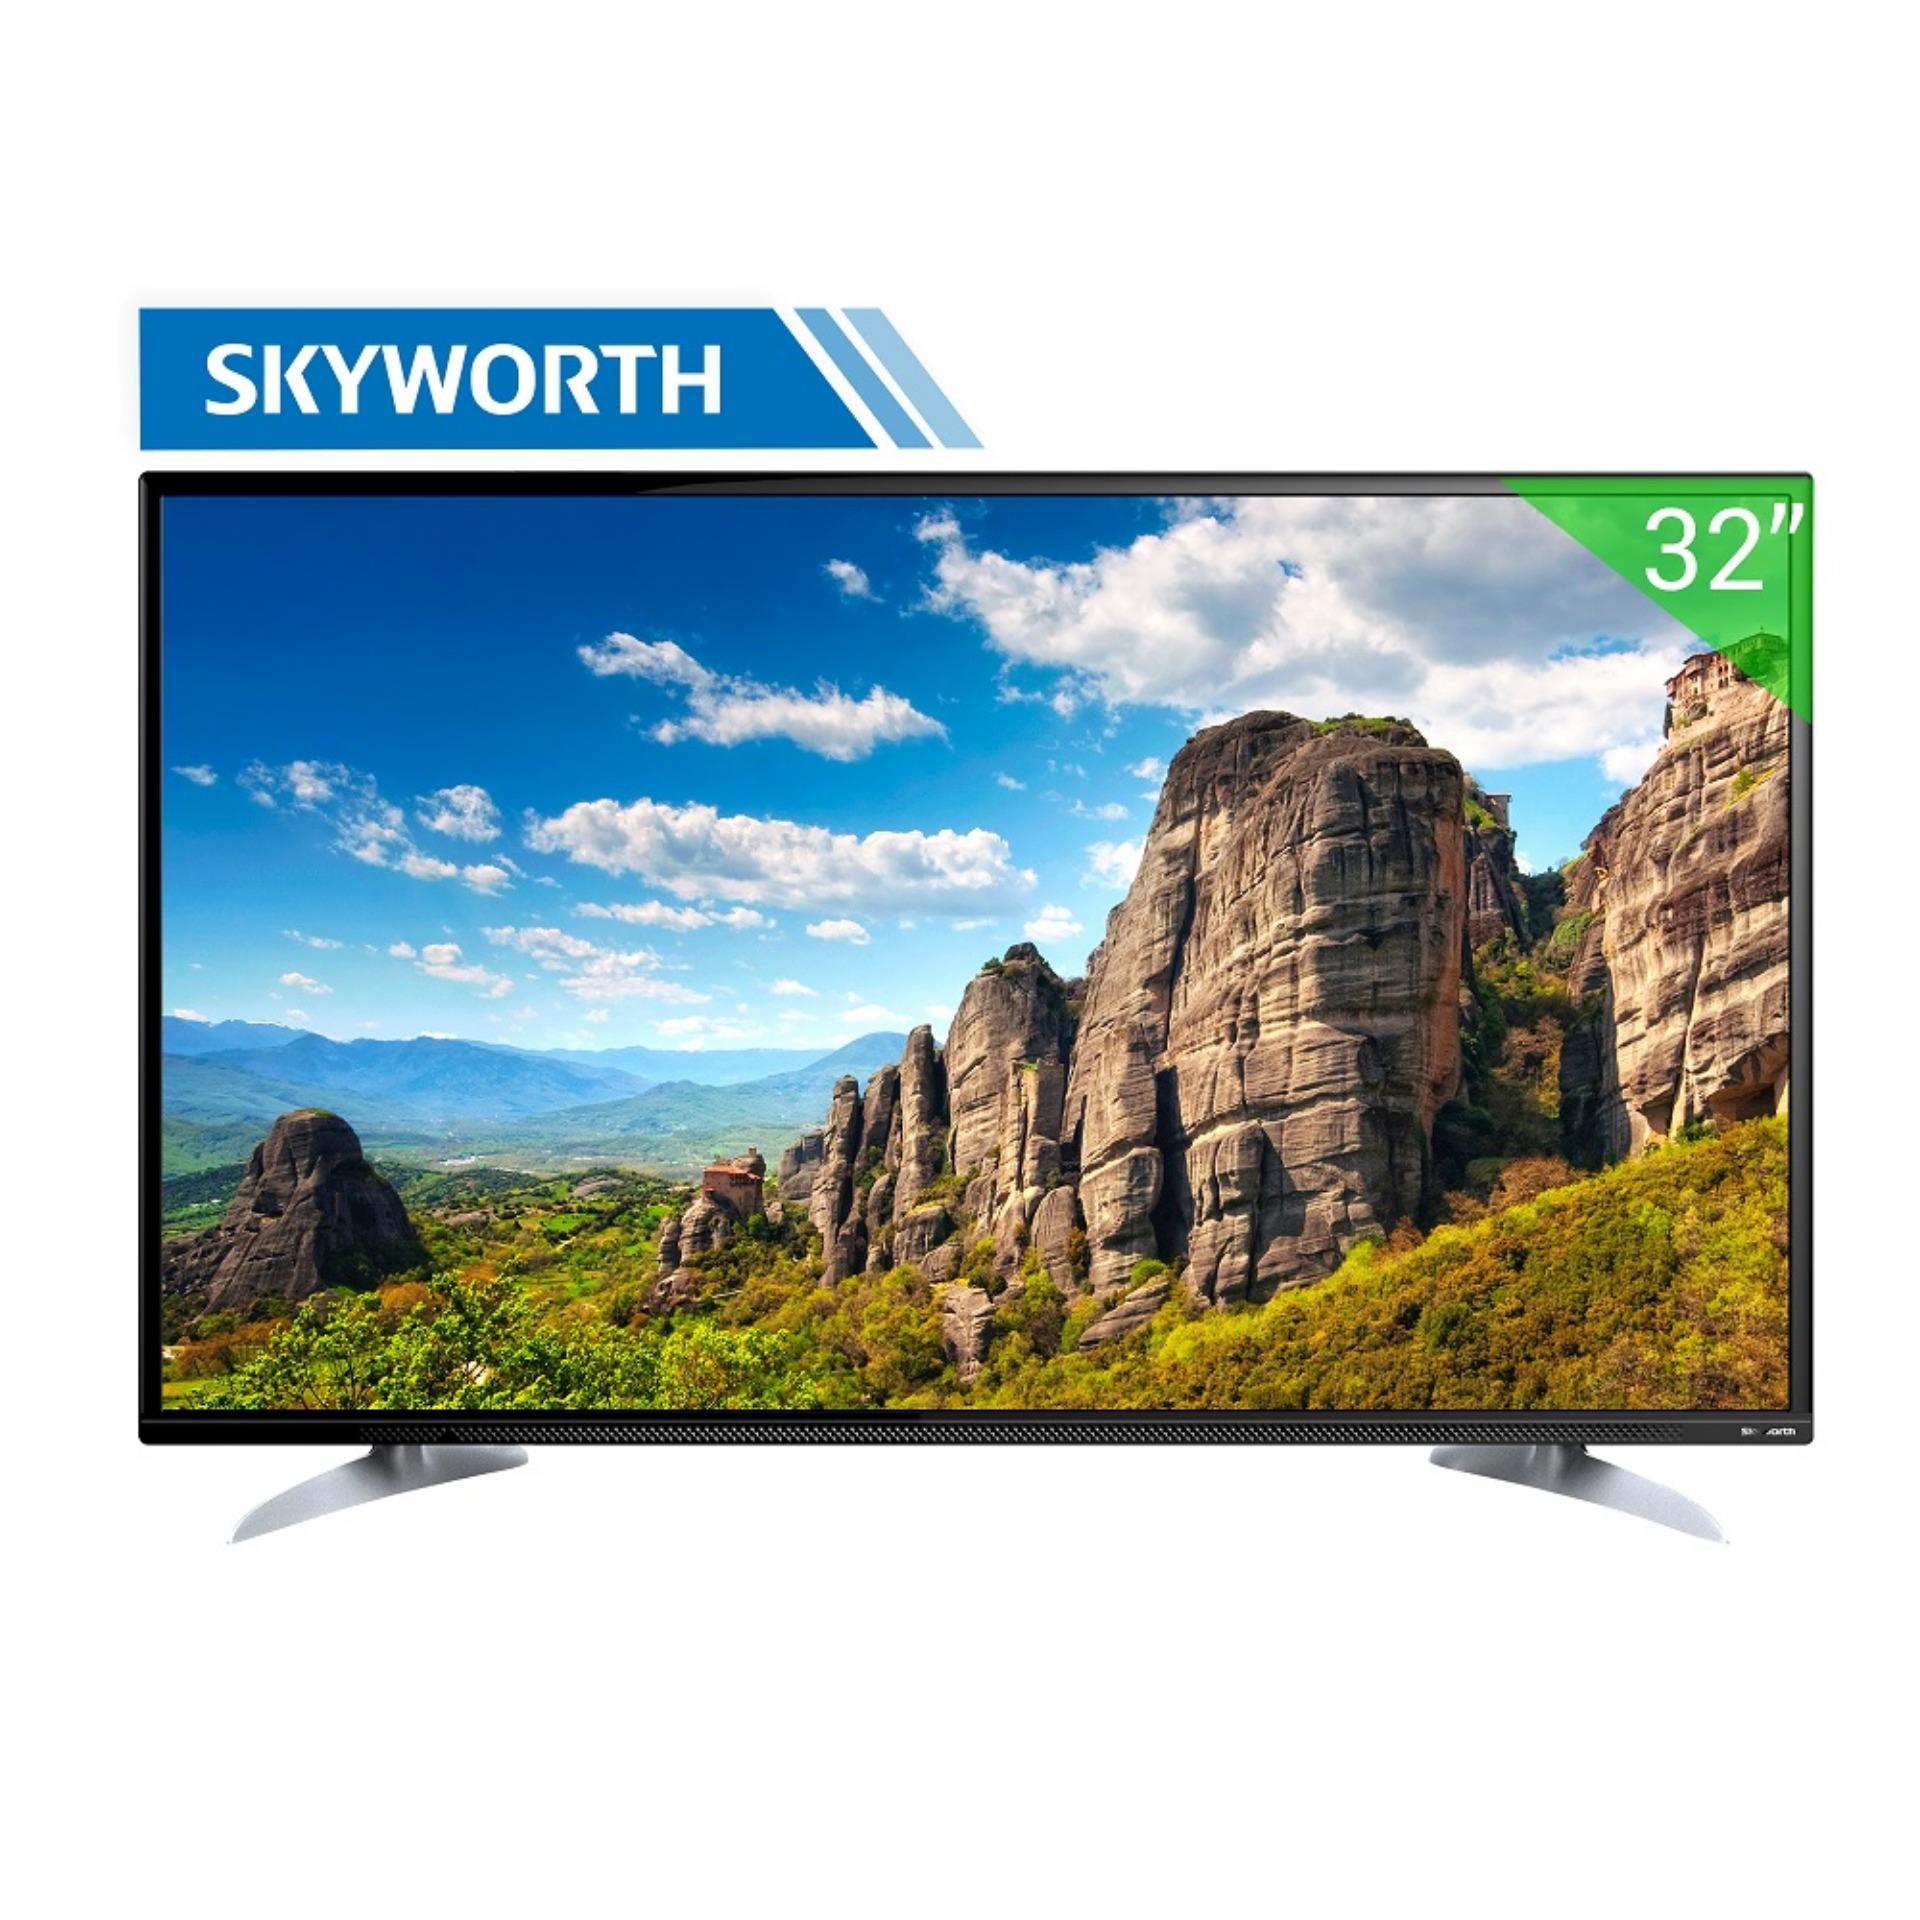 Hình ảnh Tivi LED Skyworth 32inch HD - Model 32E350 (Đen)